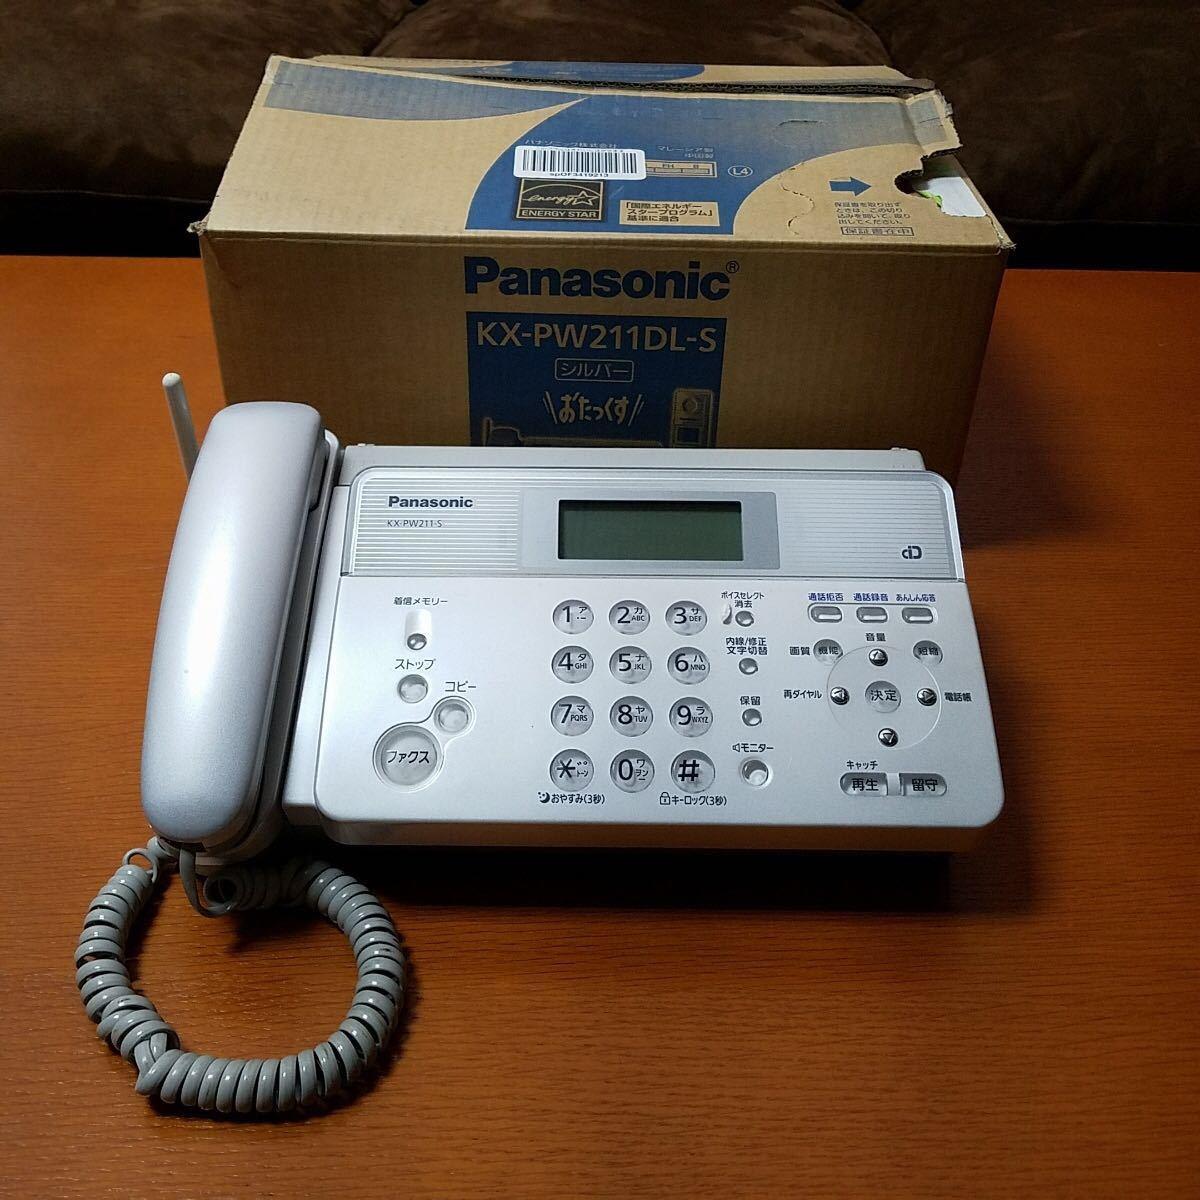 元箱入り 美品 Panasonic KX-PW211DL-S パナソニック パーソナルファックス おたっくす 電話機 親機